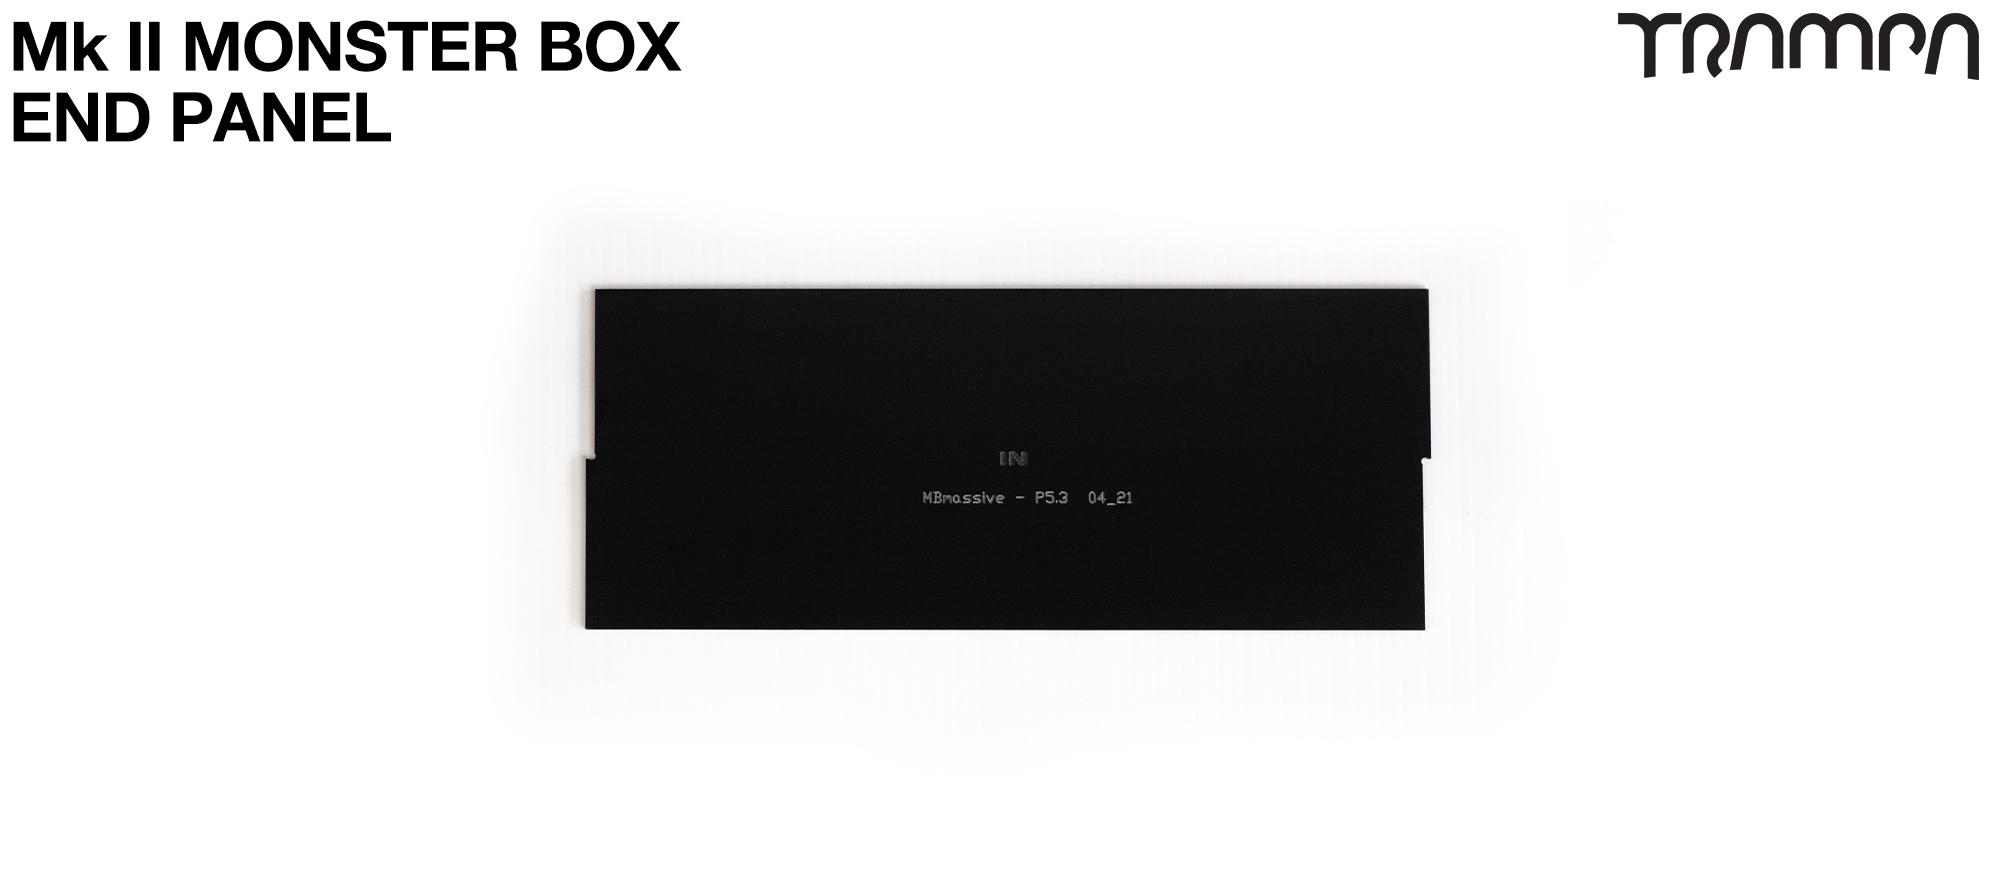 MASSIVE Monster Box 2mm END PANEL